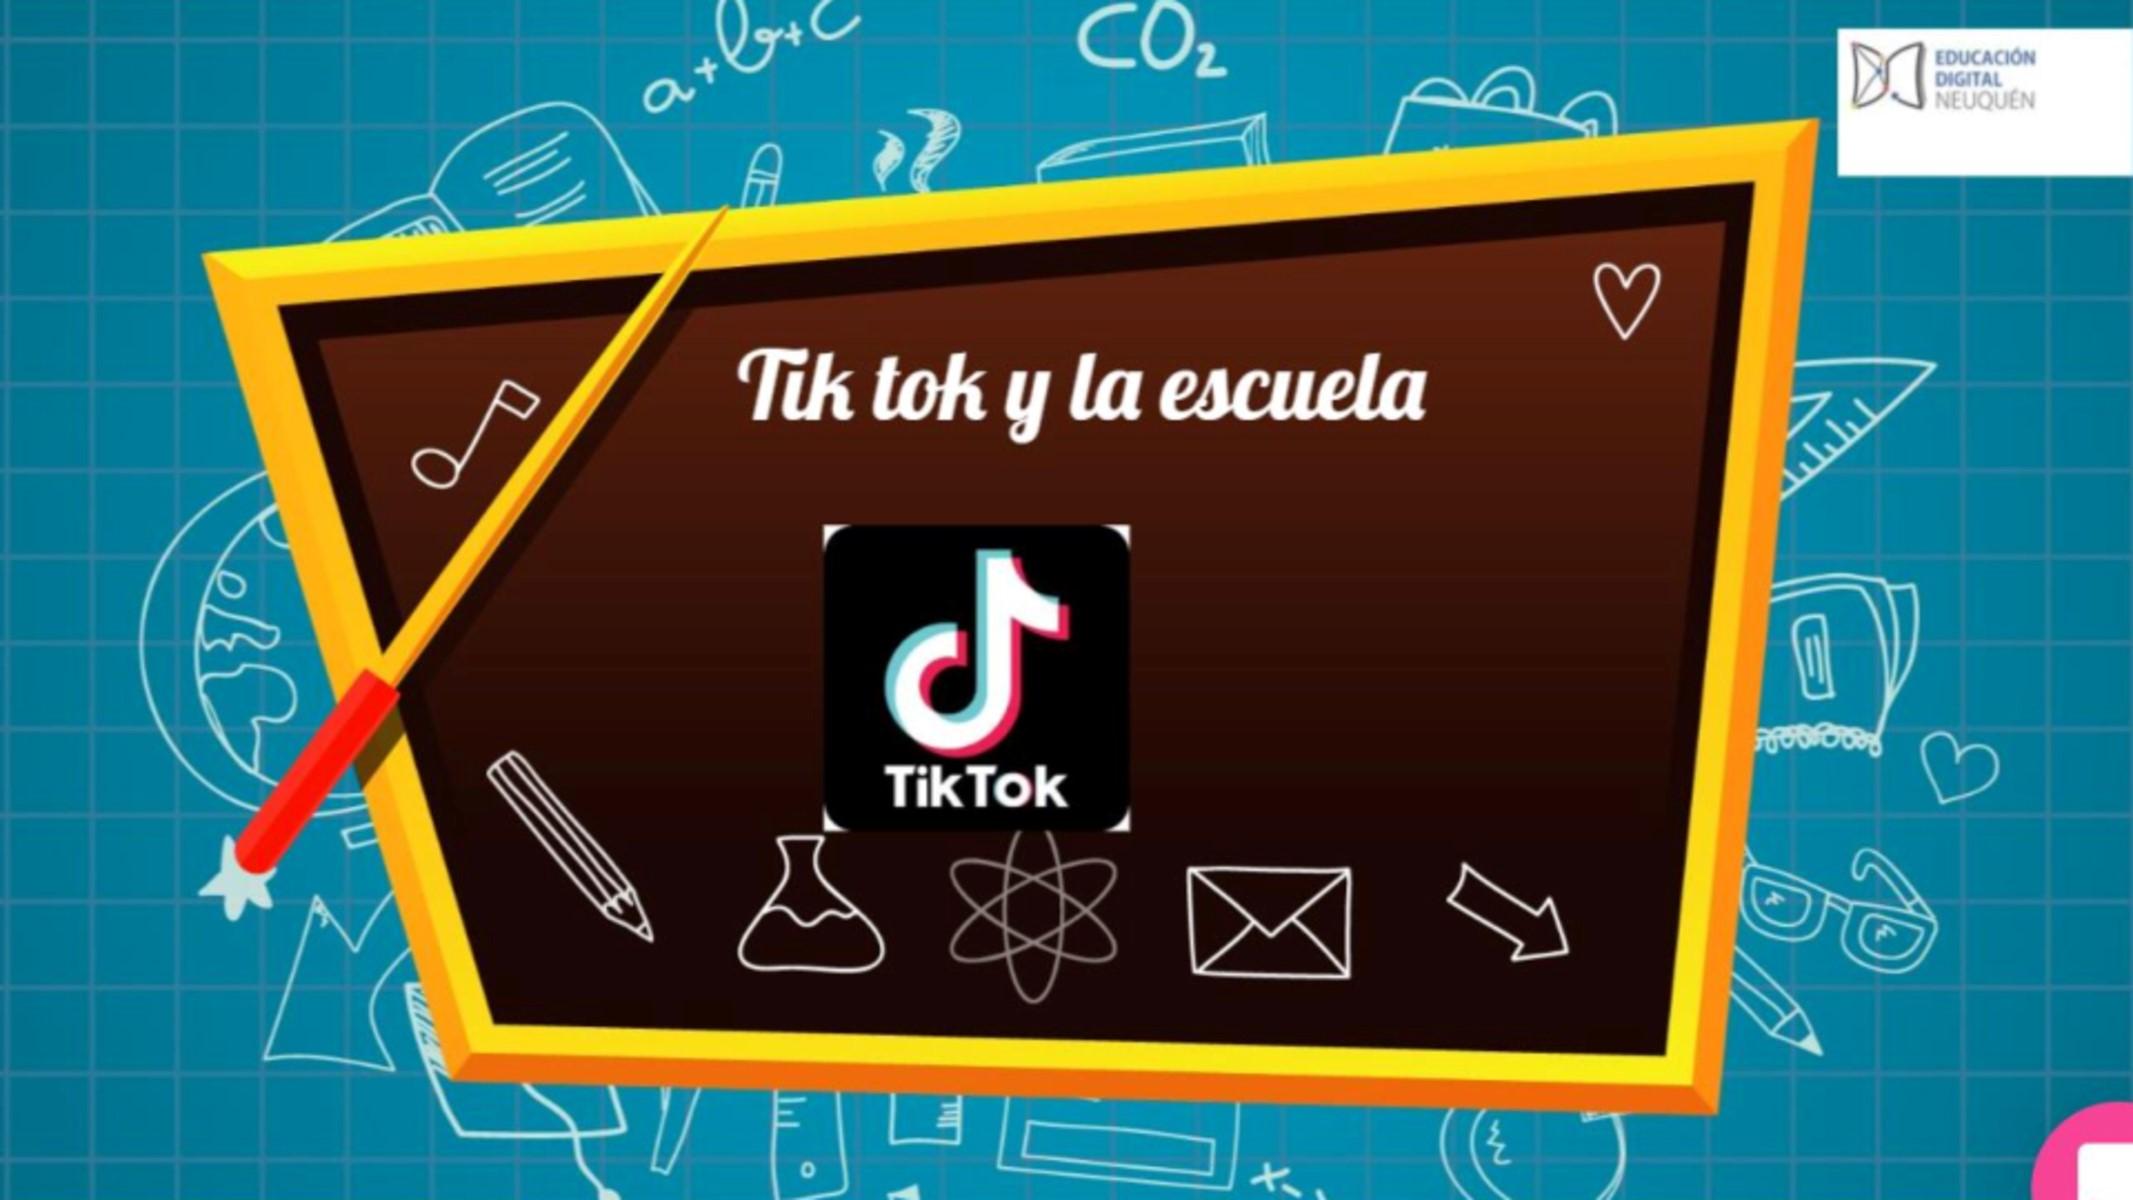 Tik Tok como herramienta educativa